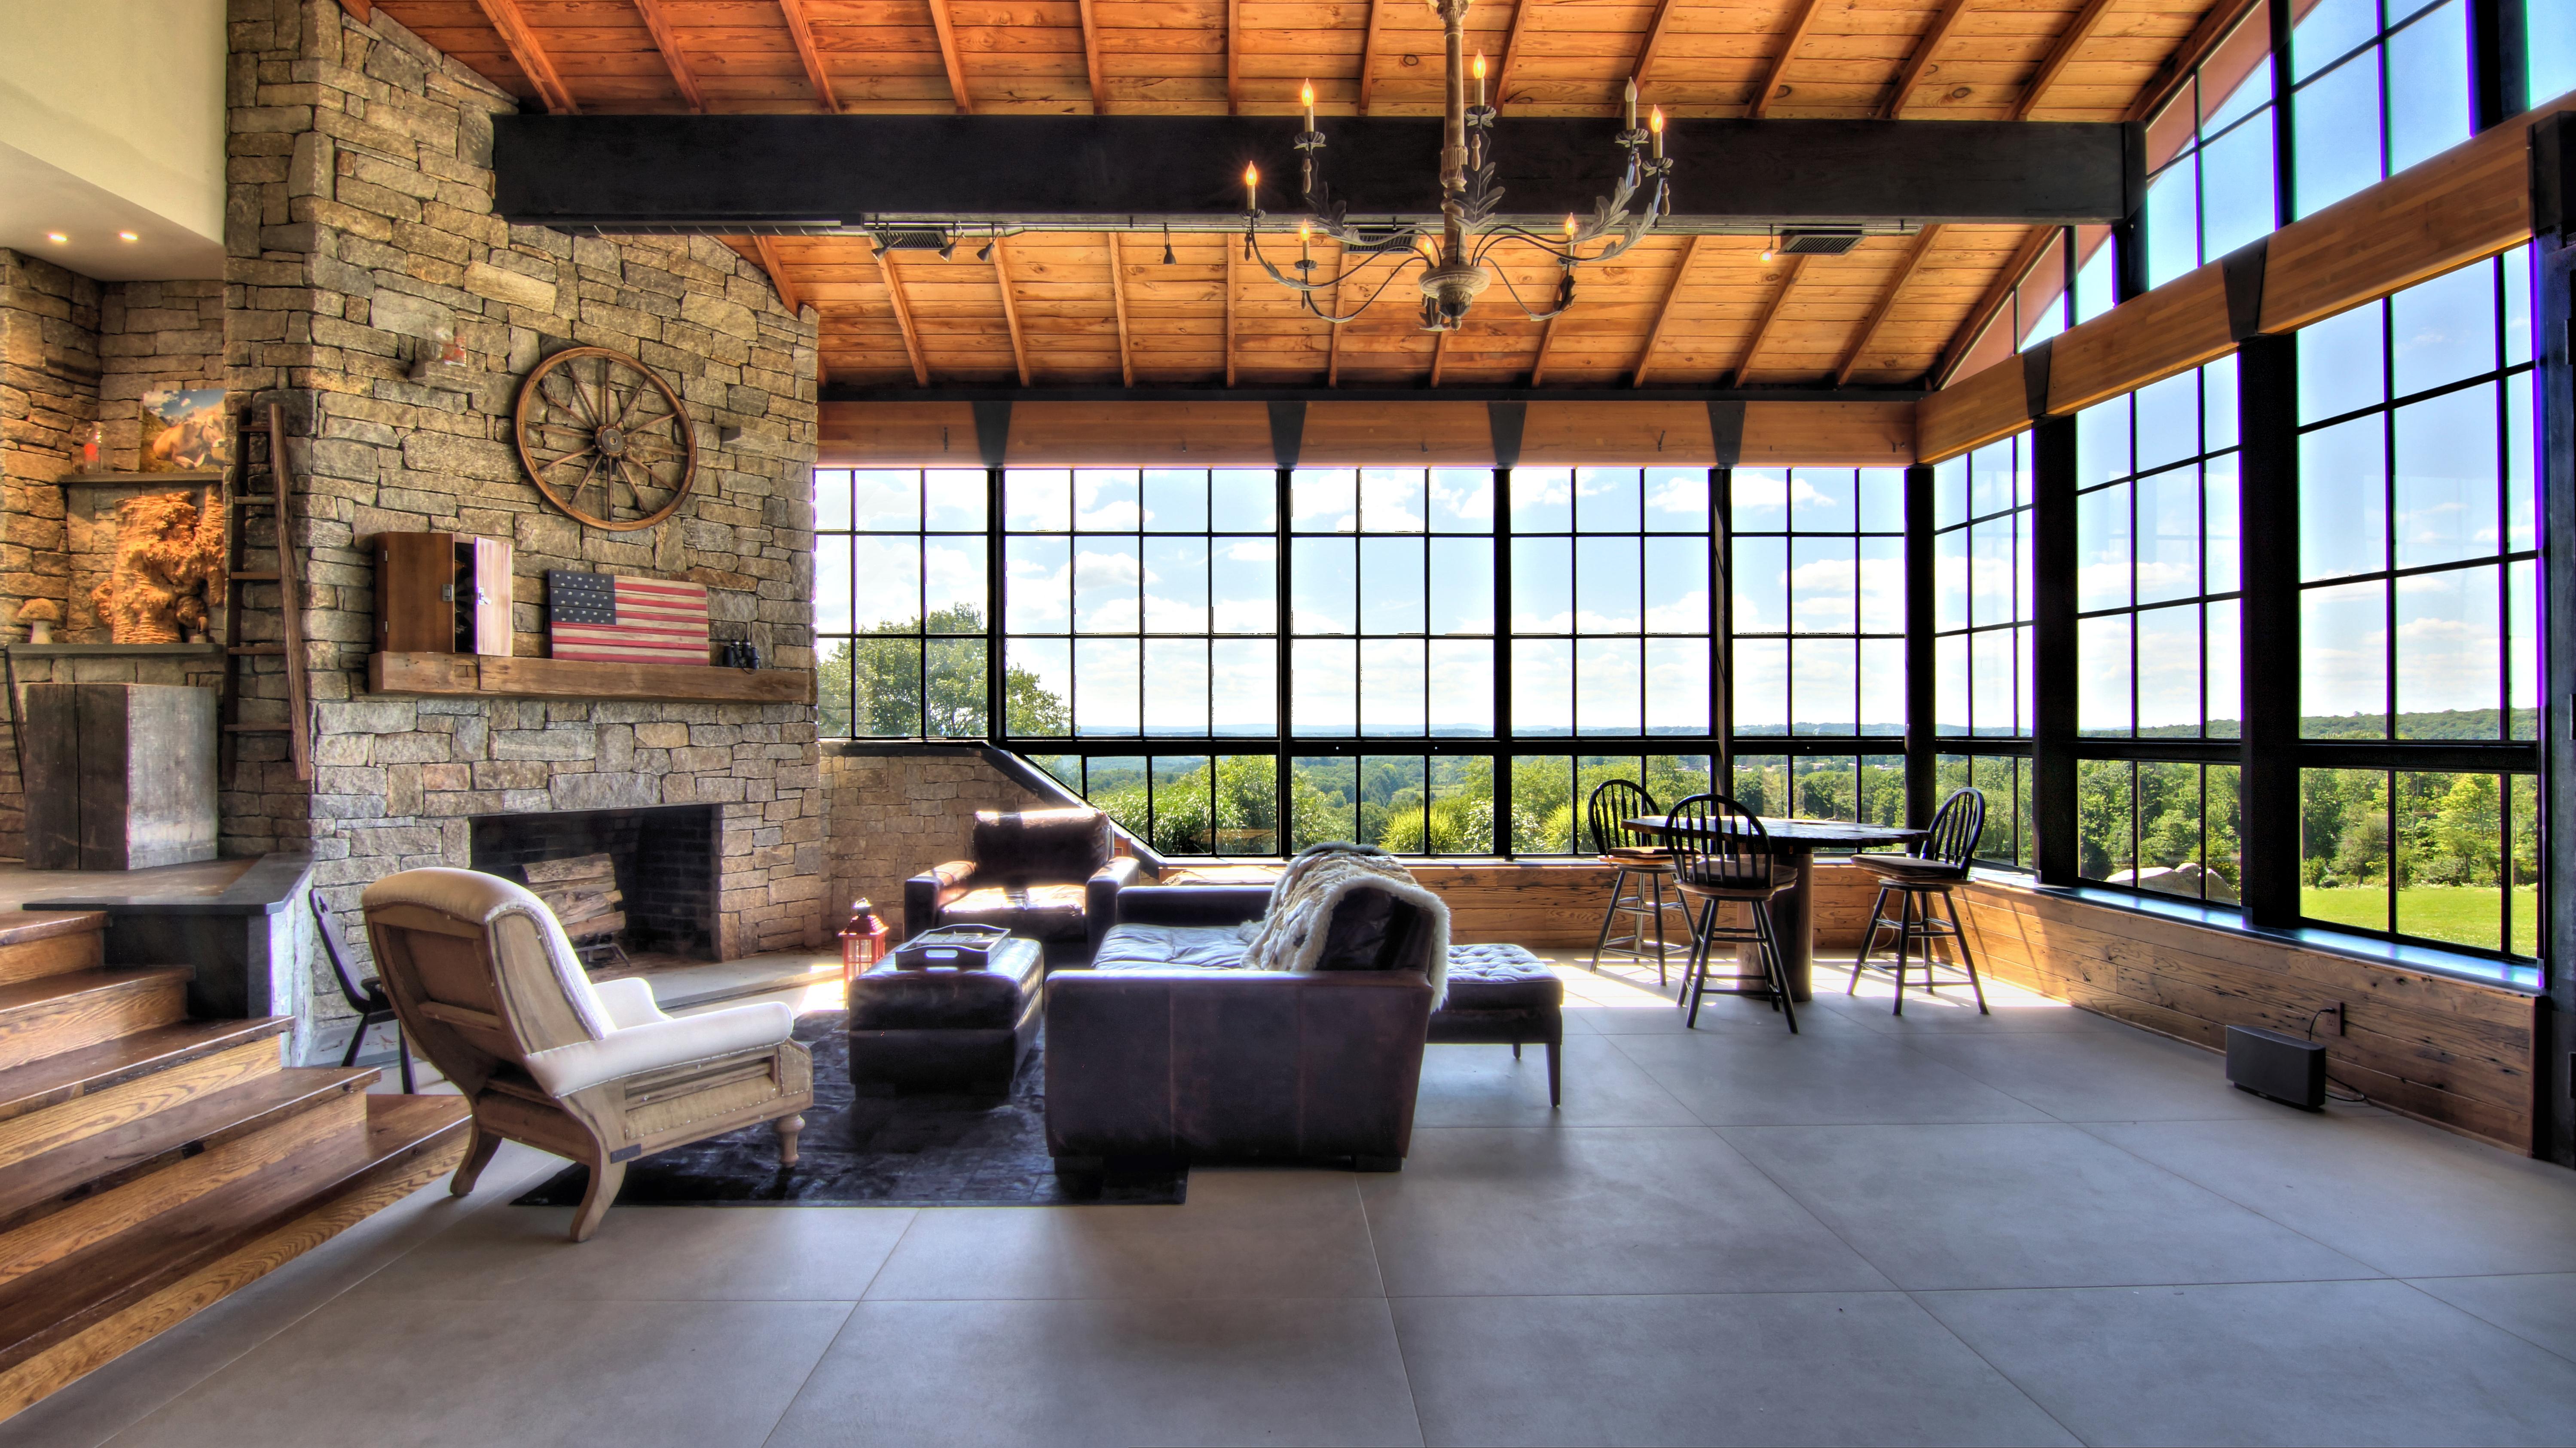 独户住宅 为 销售 在 DREAM AWAY BARN 85 Painter Ridge Rd 罗克斯伯里, 康涅狄格州, 06783 美国